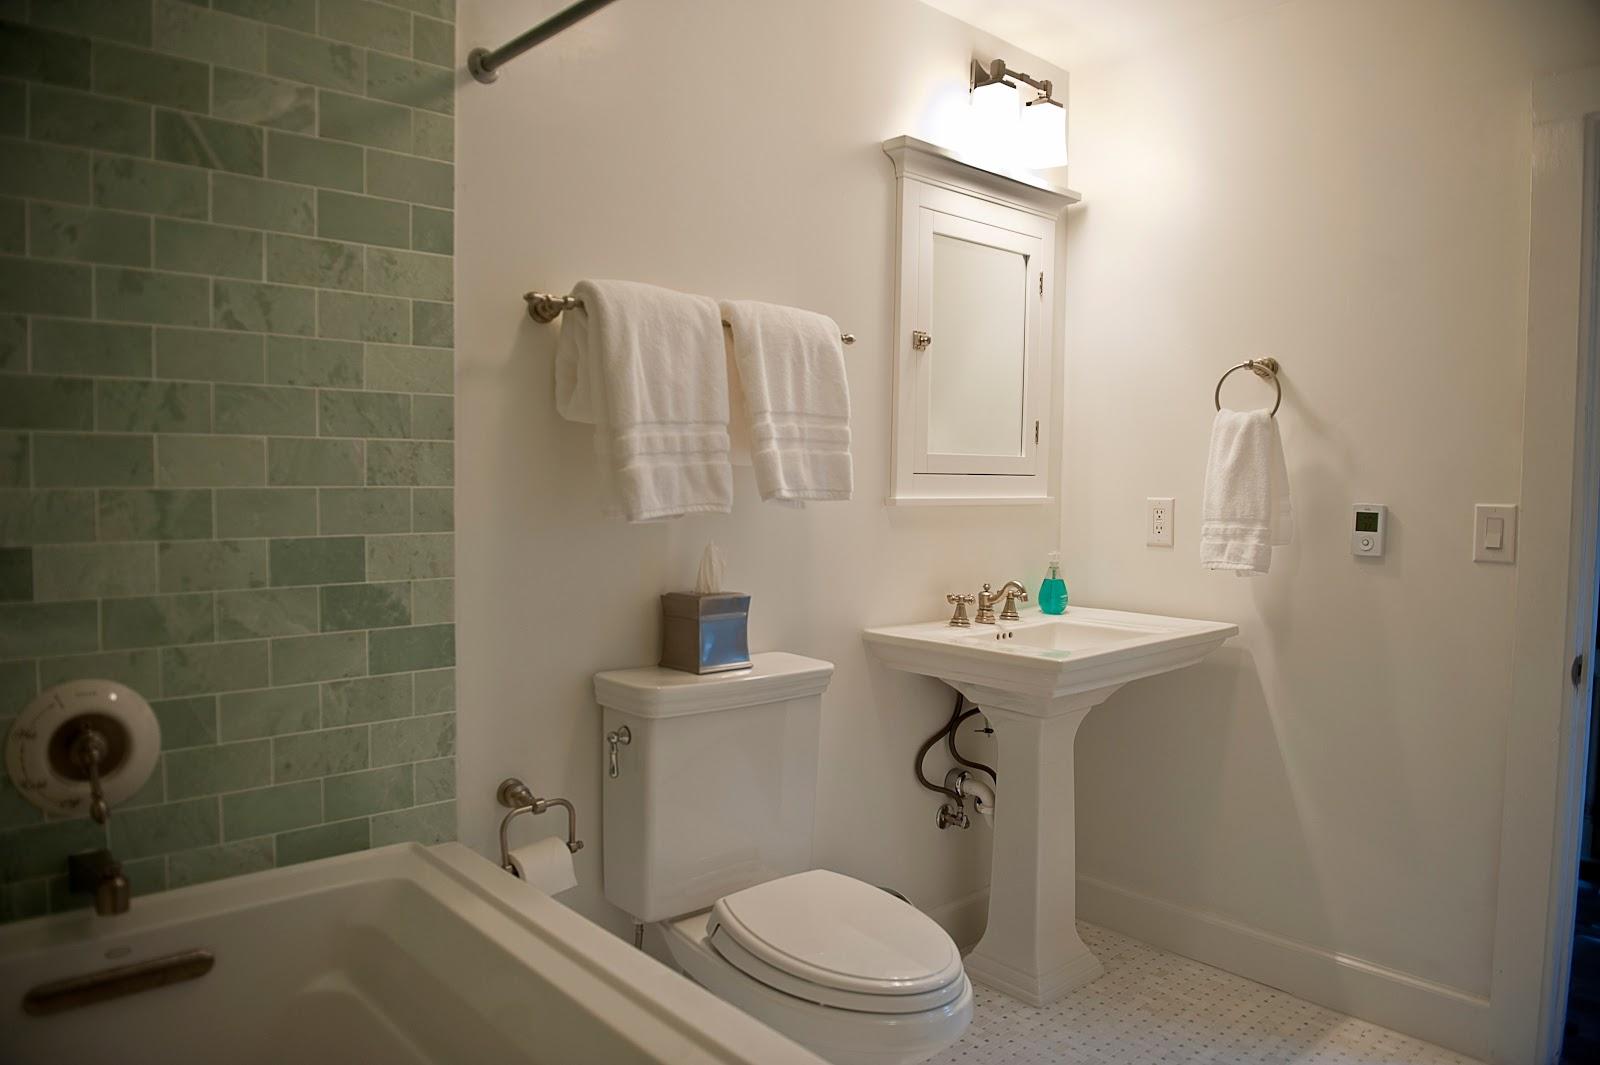 Toto promenade toilet toto promenade collection ideas for Toto bathroom designs